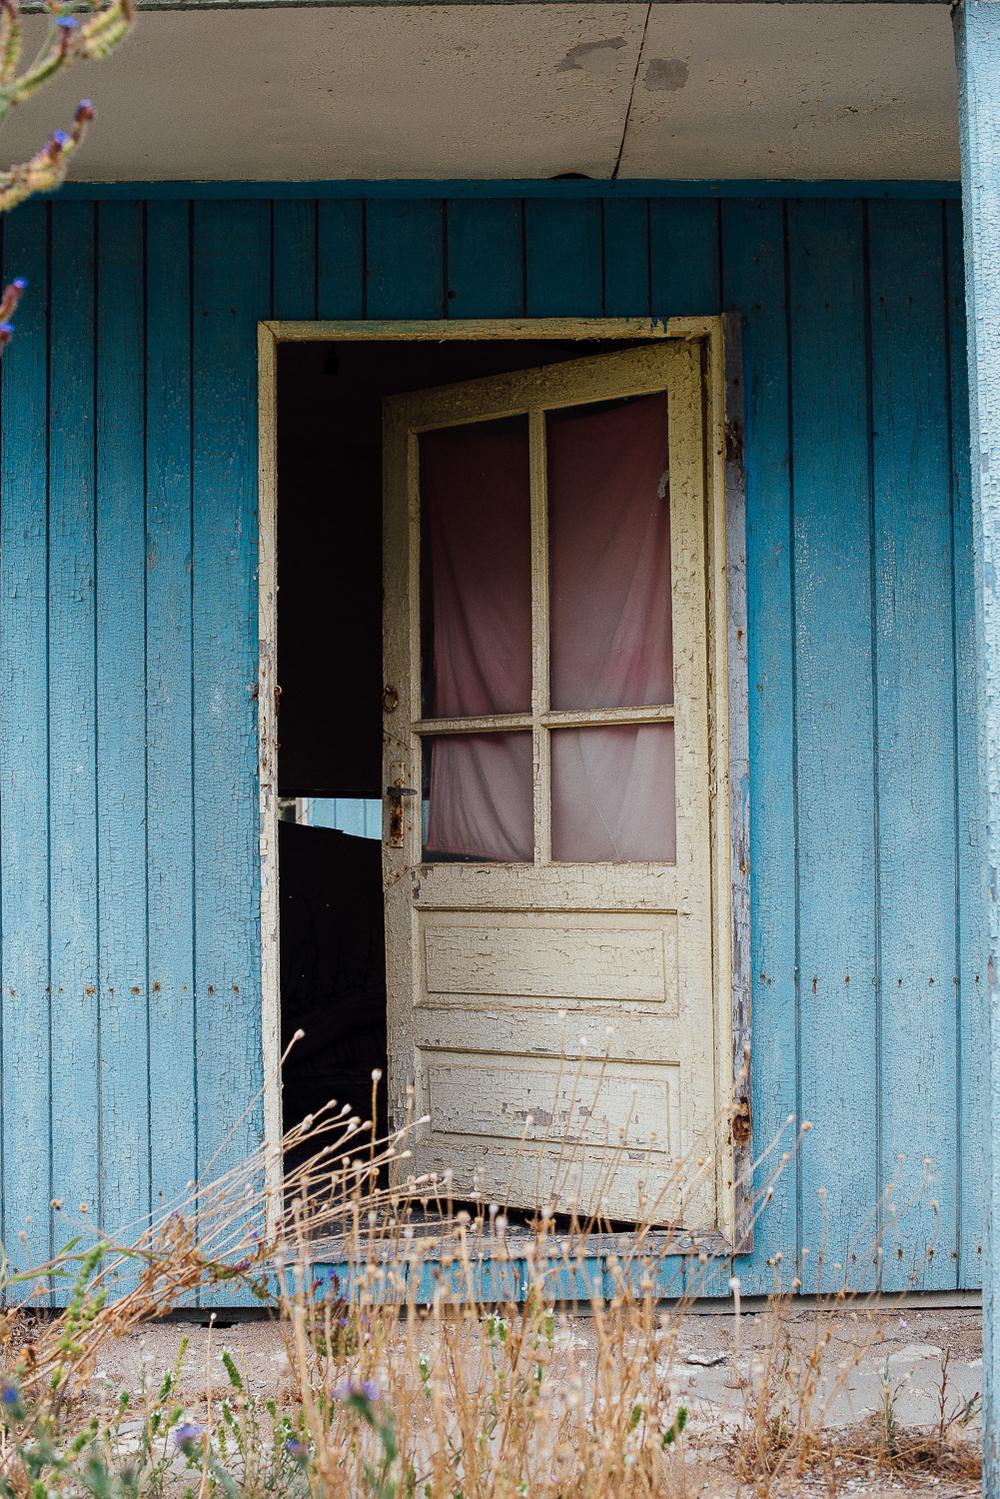 abandoned-summer-school-mariya-mileva-19.jpg